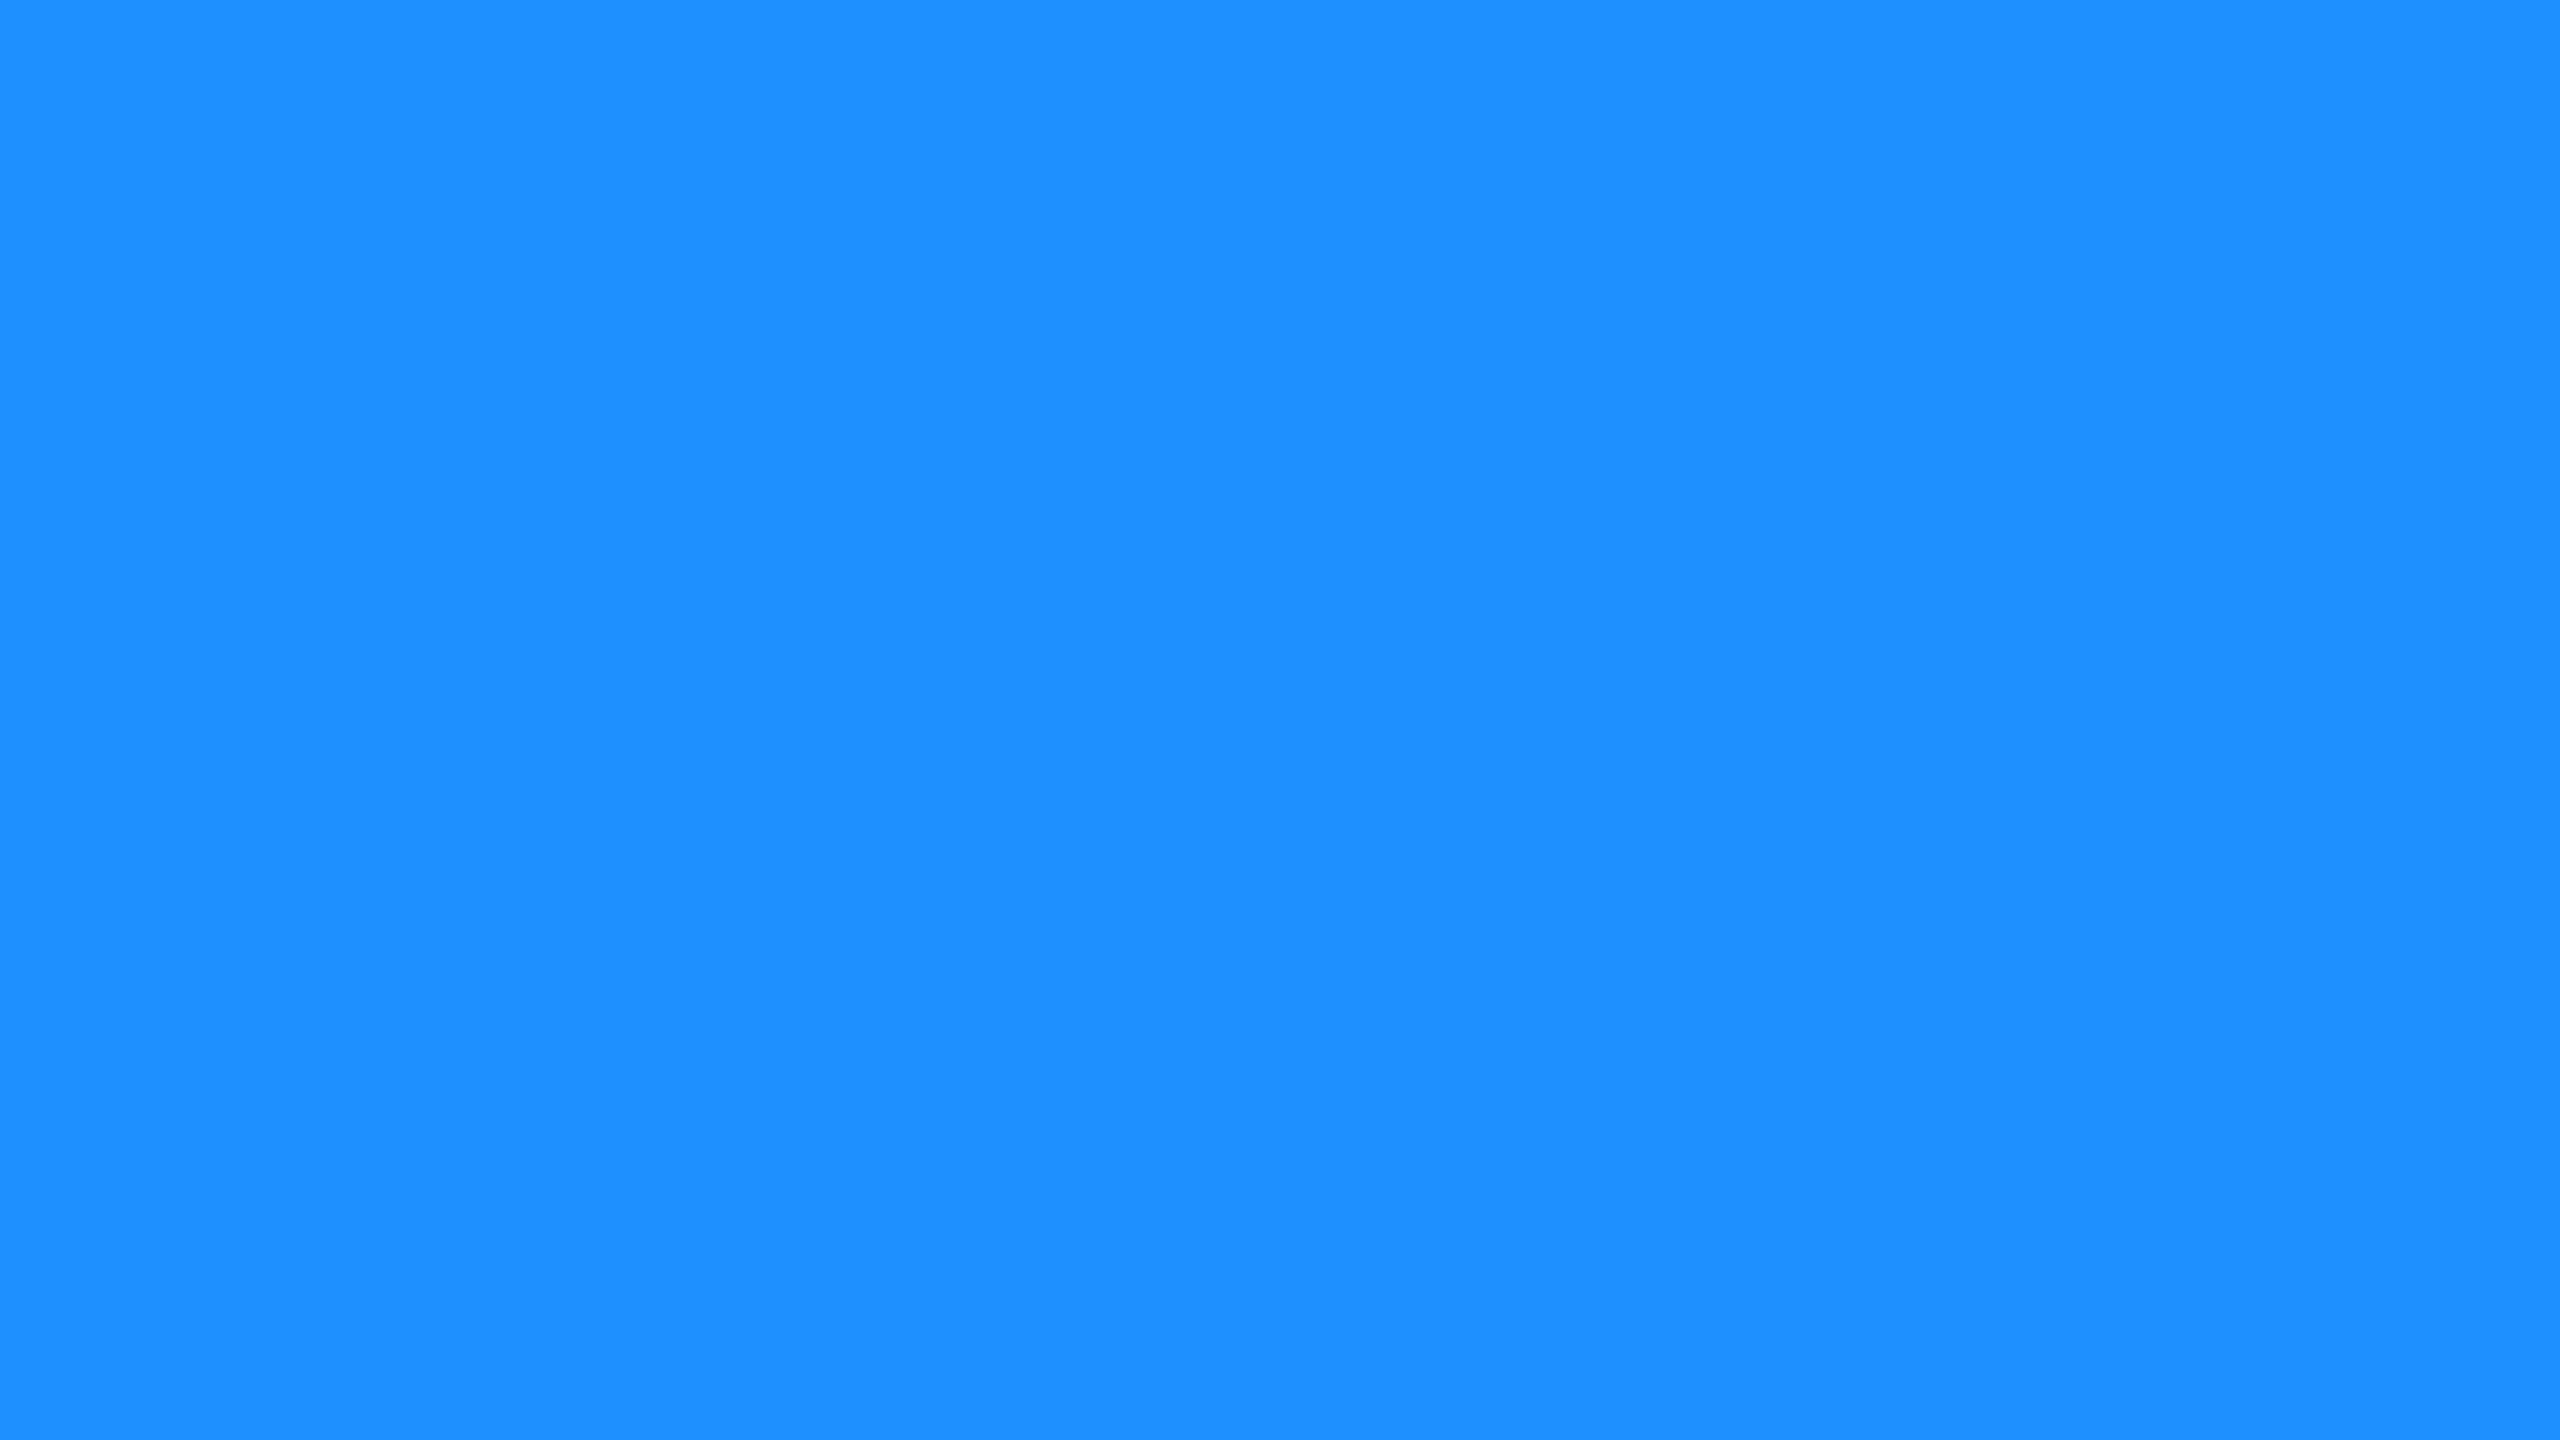 2560x1440 Dodger Blue Solid Color Background